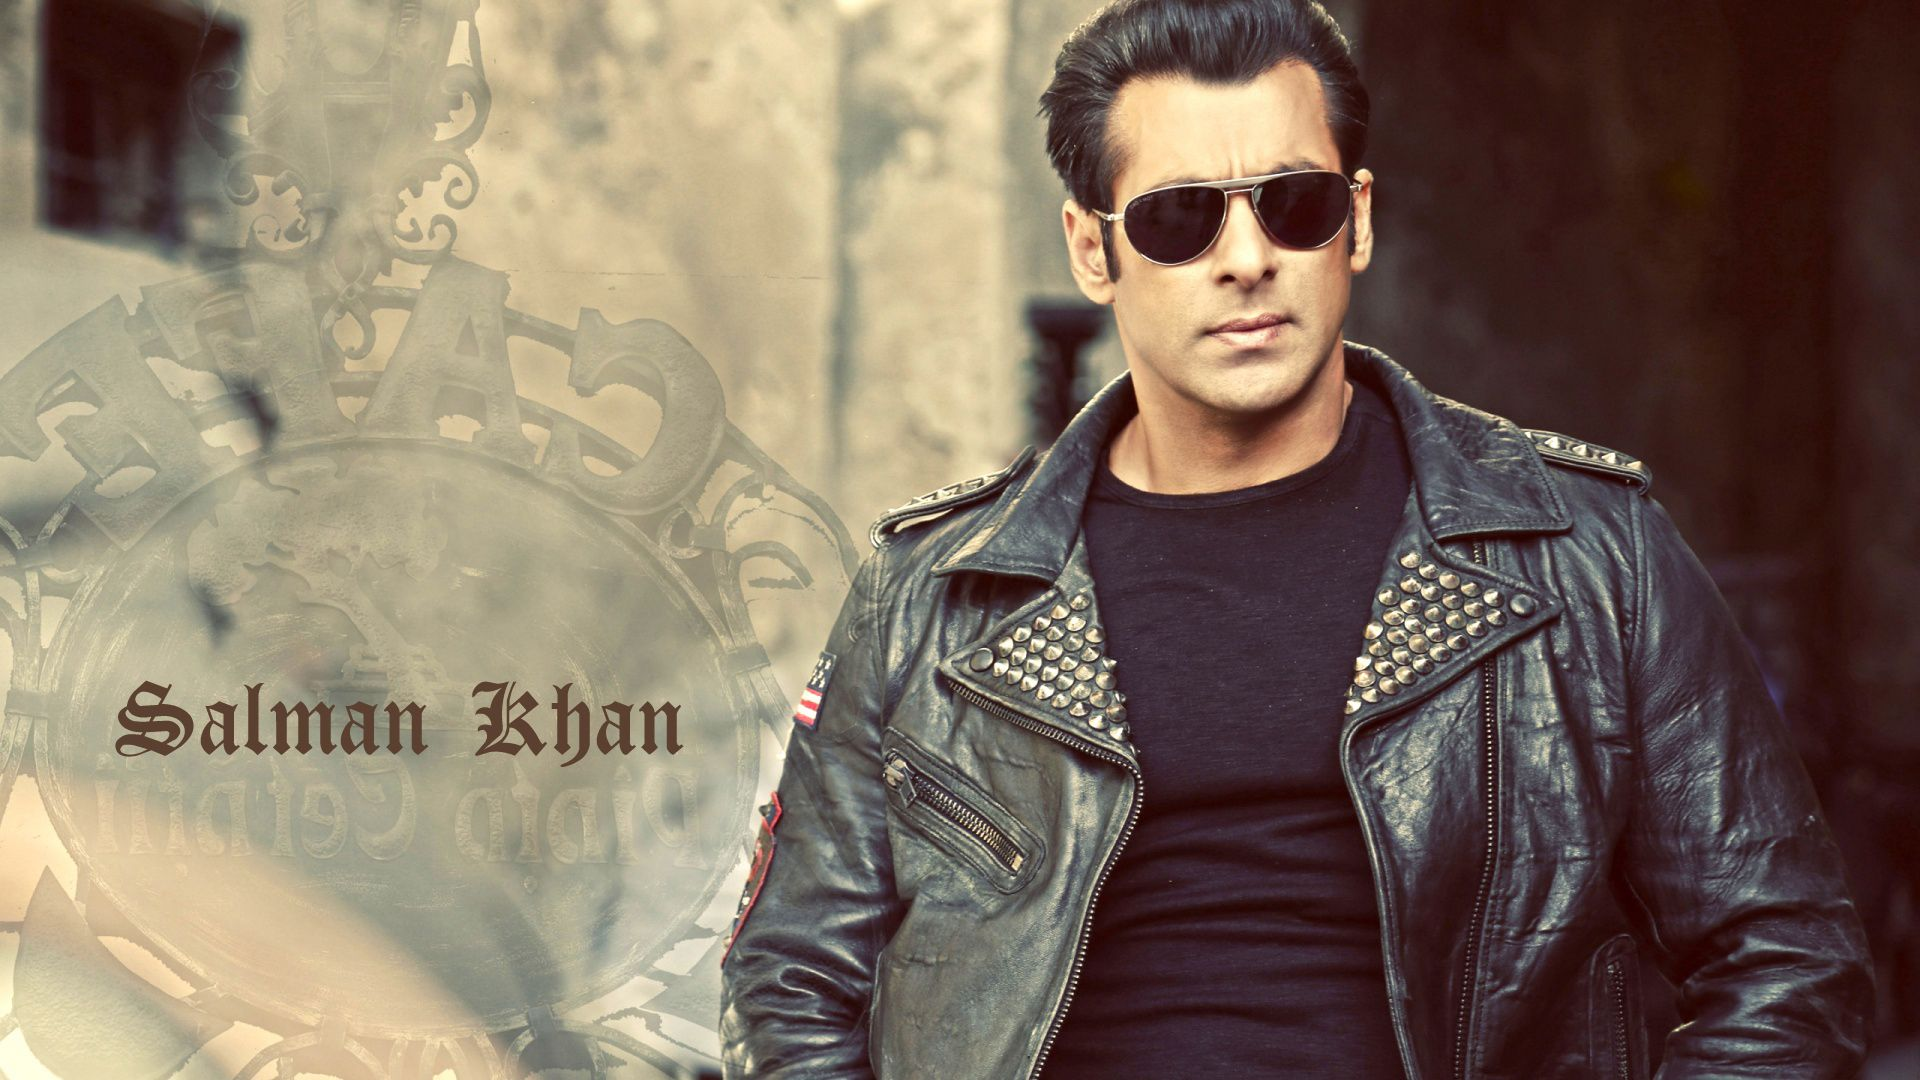 Hd wallpaper salman khan - Salman Khan Hd Wallpapers 1080p